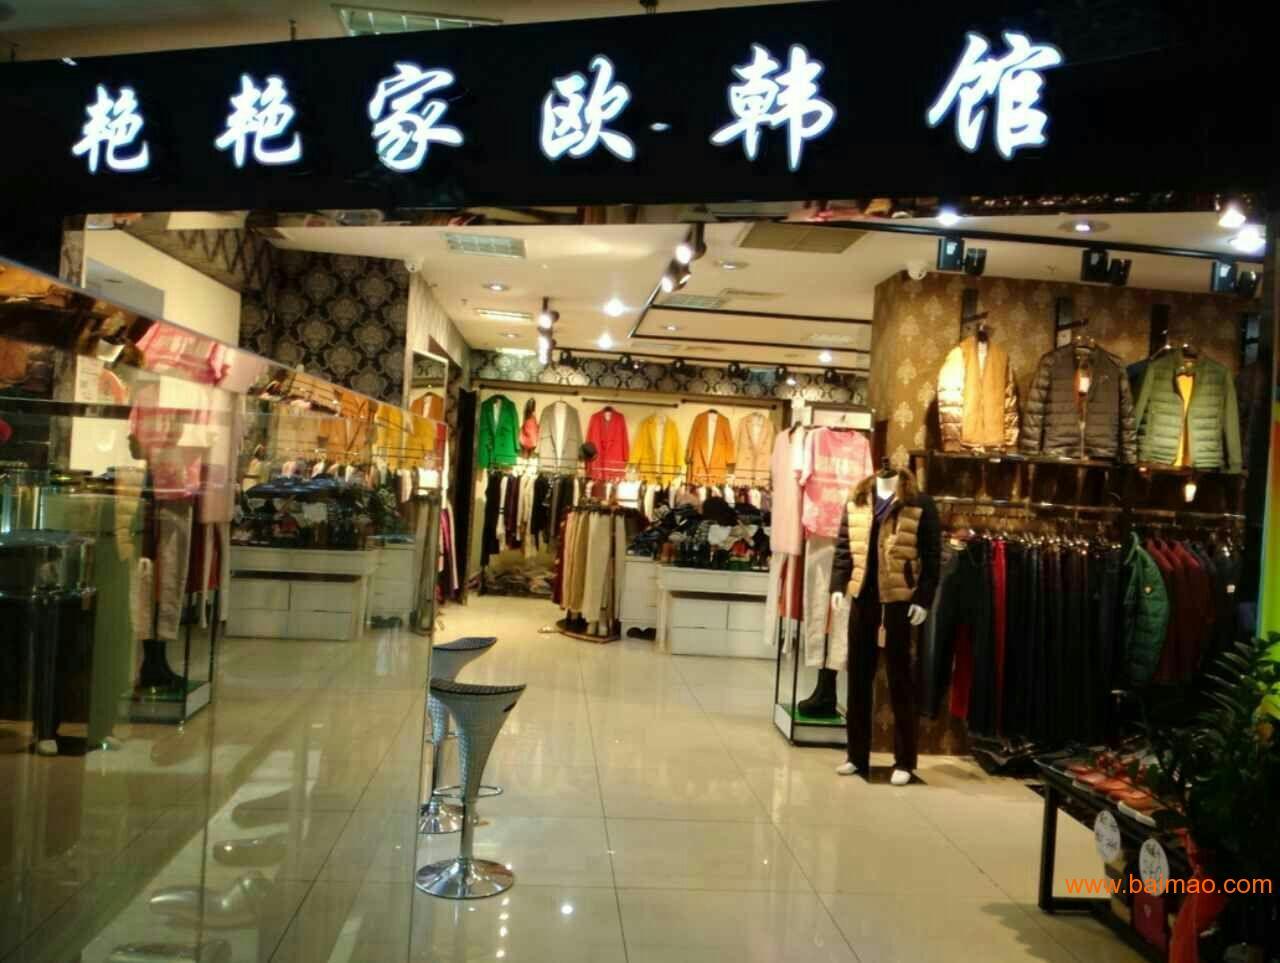 这是国内中高端女装的主要货源地,专柜和精品女装都在这里拿货